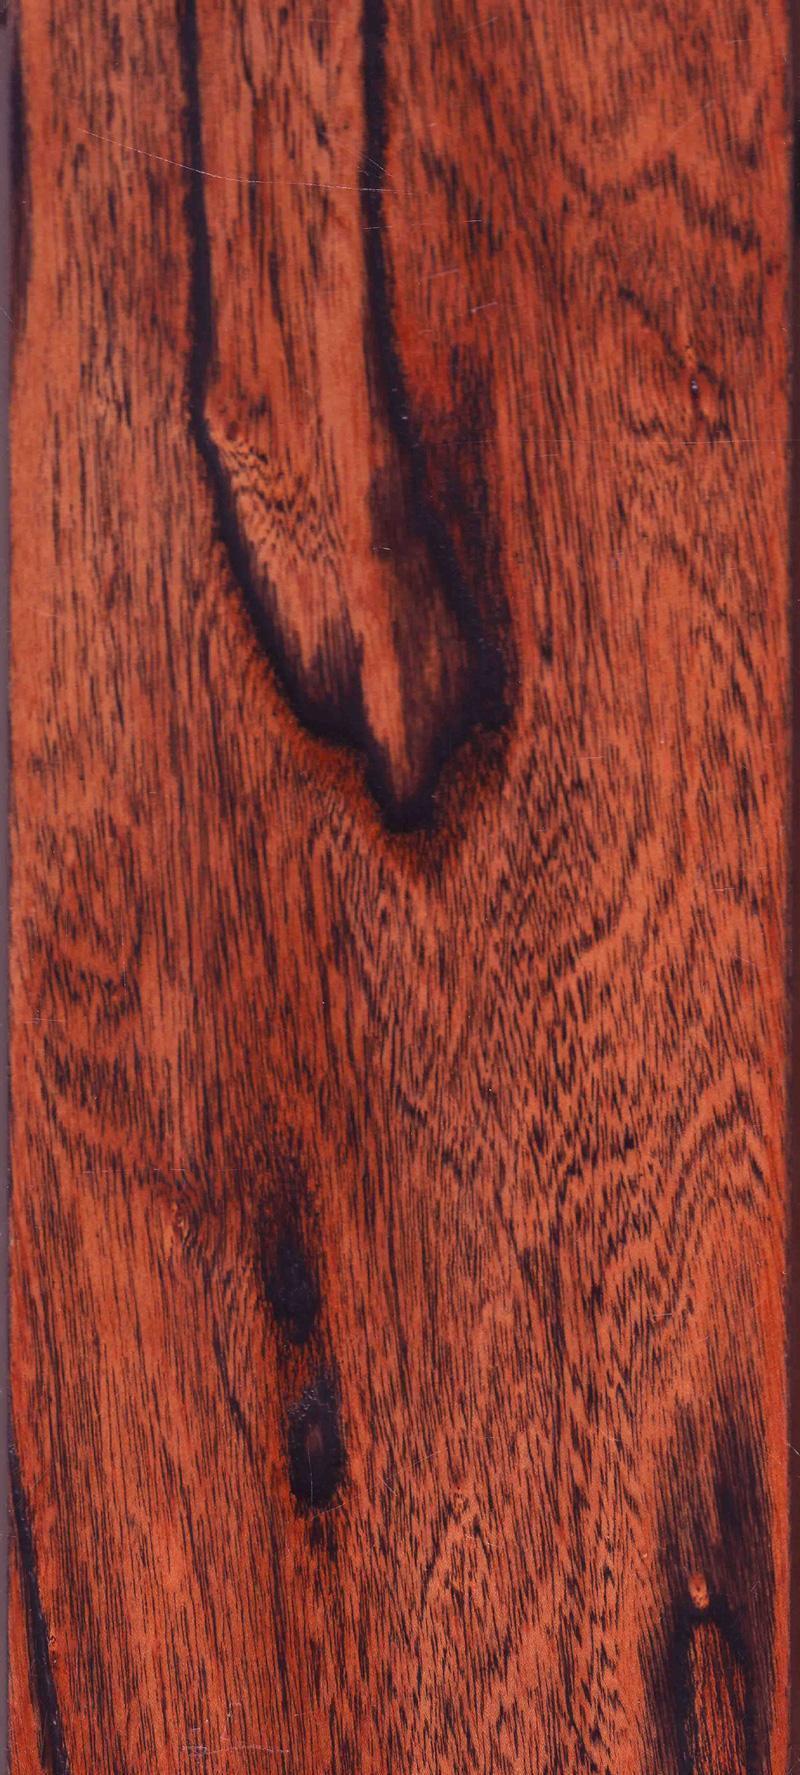 德尔SE-6多层实木复合仿古地板(郁金香领地)SE-6